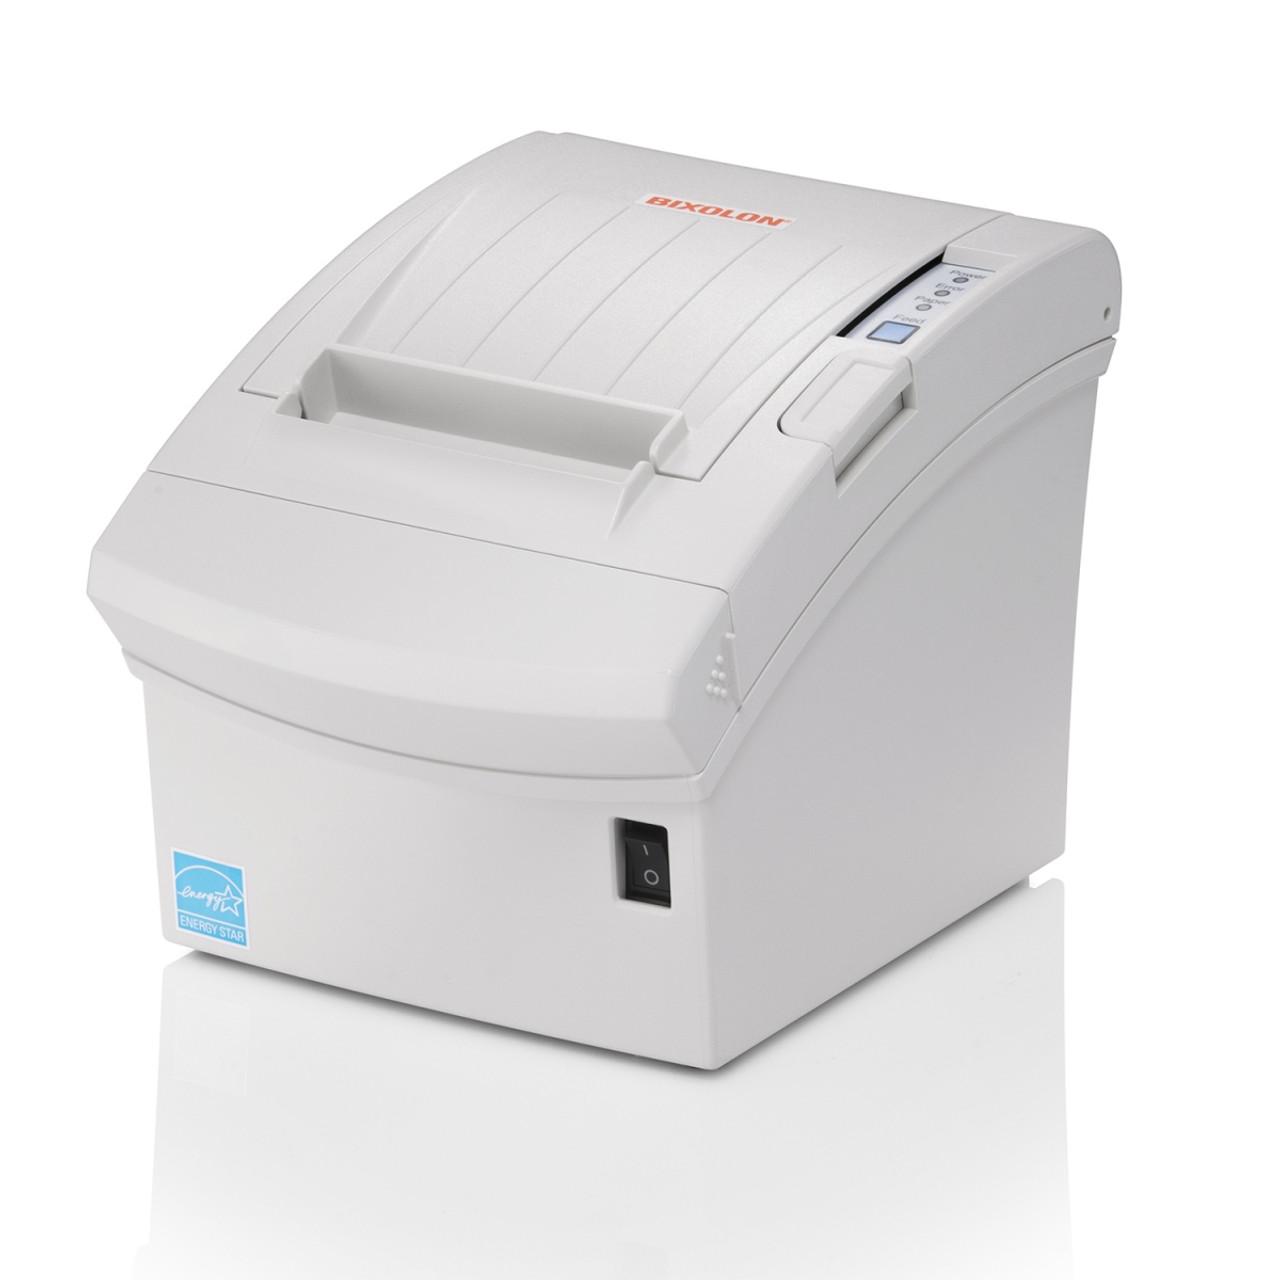 BIXOLON SRP-350III PLUS Thermal Receipt Printer, White